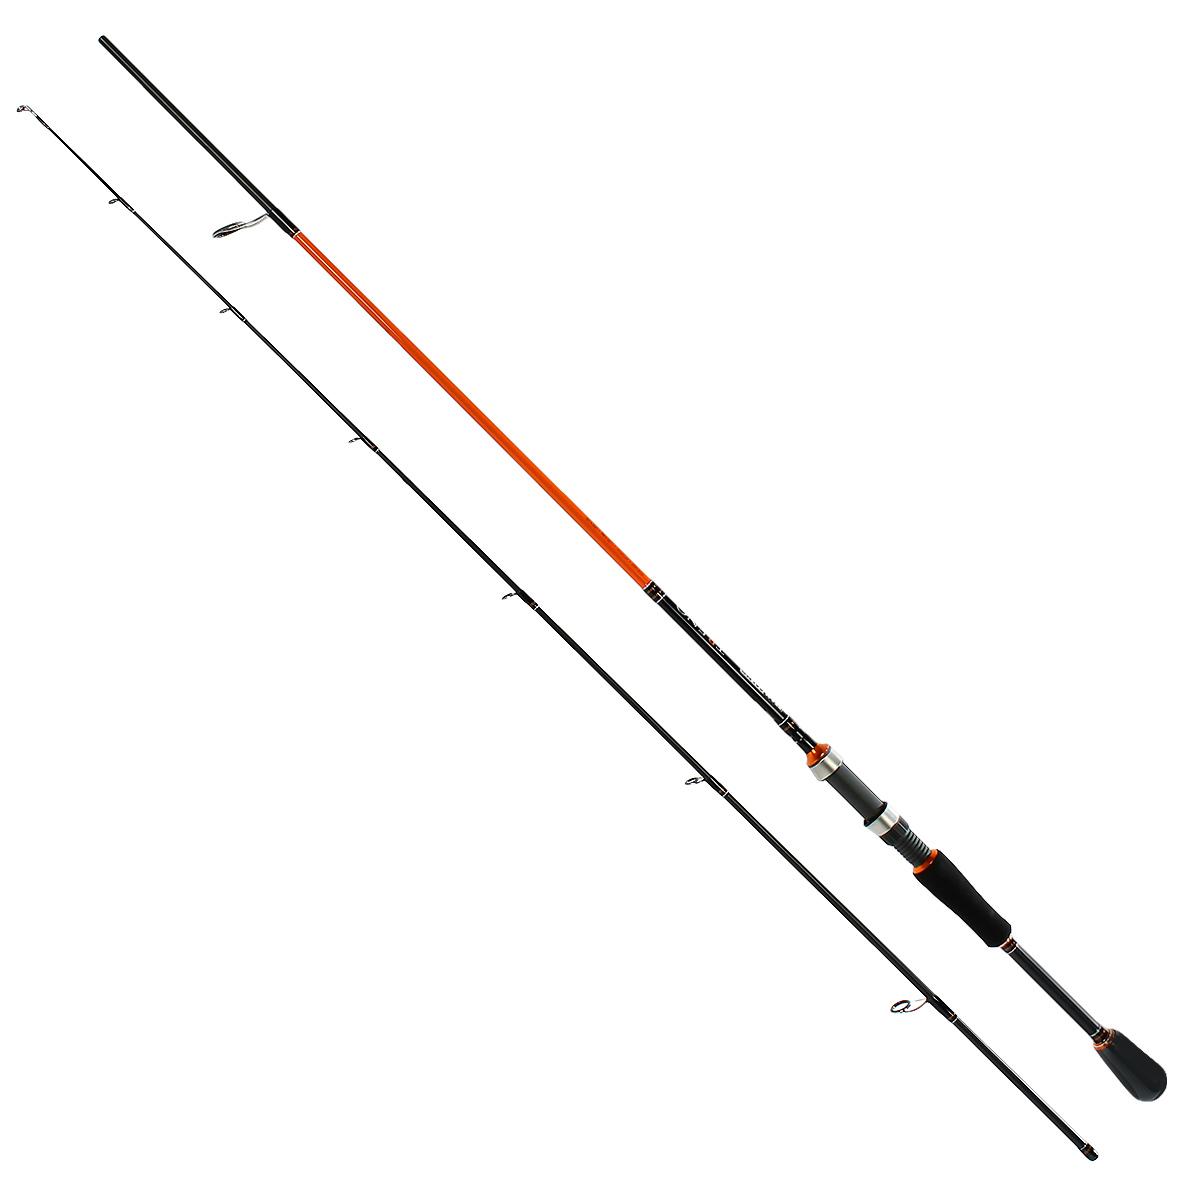 Удилище спиннинговое Team Salmo TRENO, 2,07 м, 8-28 гBP-001 BKСерия спиннингов TRENO разработана специально для ловли хищной рыбы твичингом и на джиг-приманки. Бланки этой серии изготовлены из усовершенствованного высокомодульного графита 40T, обеспечивающего максимальную прочность, а также высокую чувствительность по всему заявленному тестовому диапазону. Строй бланков быстрый и экстра быстрый. Бланк в основании достаточно толстый, что дает преимущества не только при вываживании крупной рыбы, но и при рывковой проводке воблеров. Несмотря на относительно небольшую длину, спиннинги TRENO обладают отличными бросковыми характеристиками. Спиннинги укомплектованы пропускными кольцами Fuji K-guide со вставками SIC. Наклоненные колечки на вершинке - раннинги и противозахлестный тюльпан, не позволят запутаться за них в сильный ветер даже мягкому PE шнуру. В элегантной и практичной разнесенной рукоятке, из прочного материала EVA, установлен катушкодержатель VSS от Fuji с задней гайкой крепления. Материал ручек жесткий и приятный на ощупь.